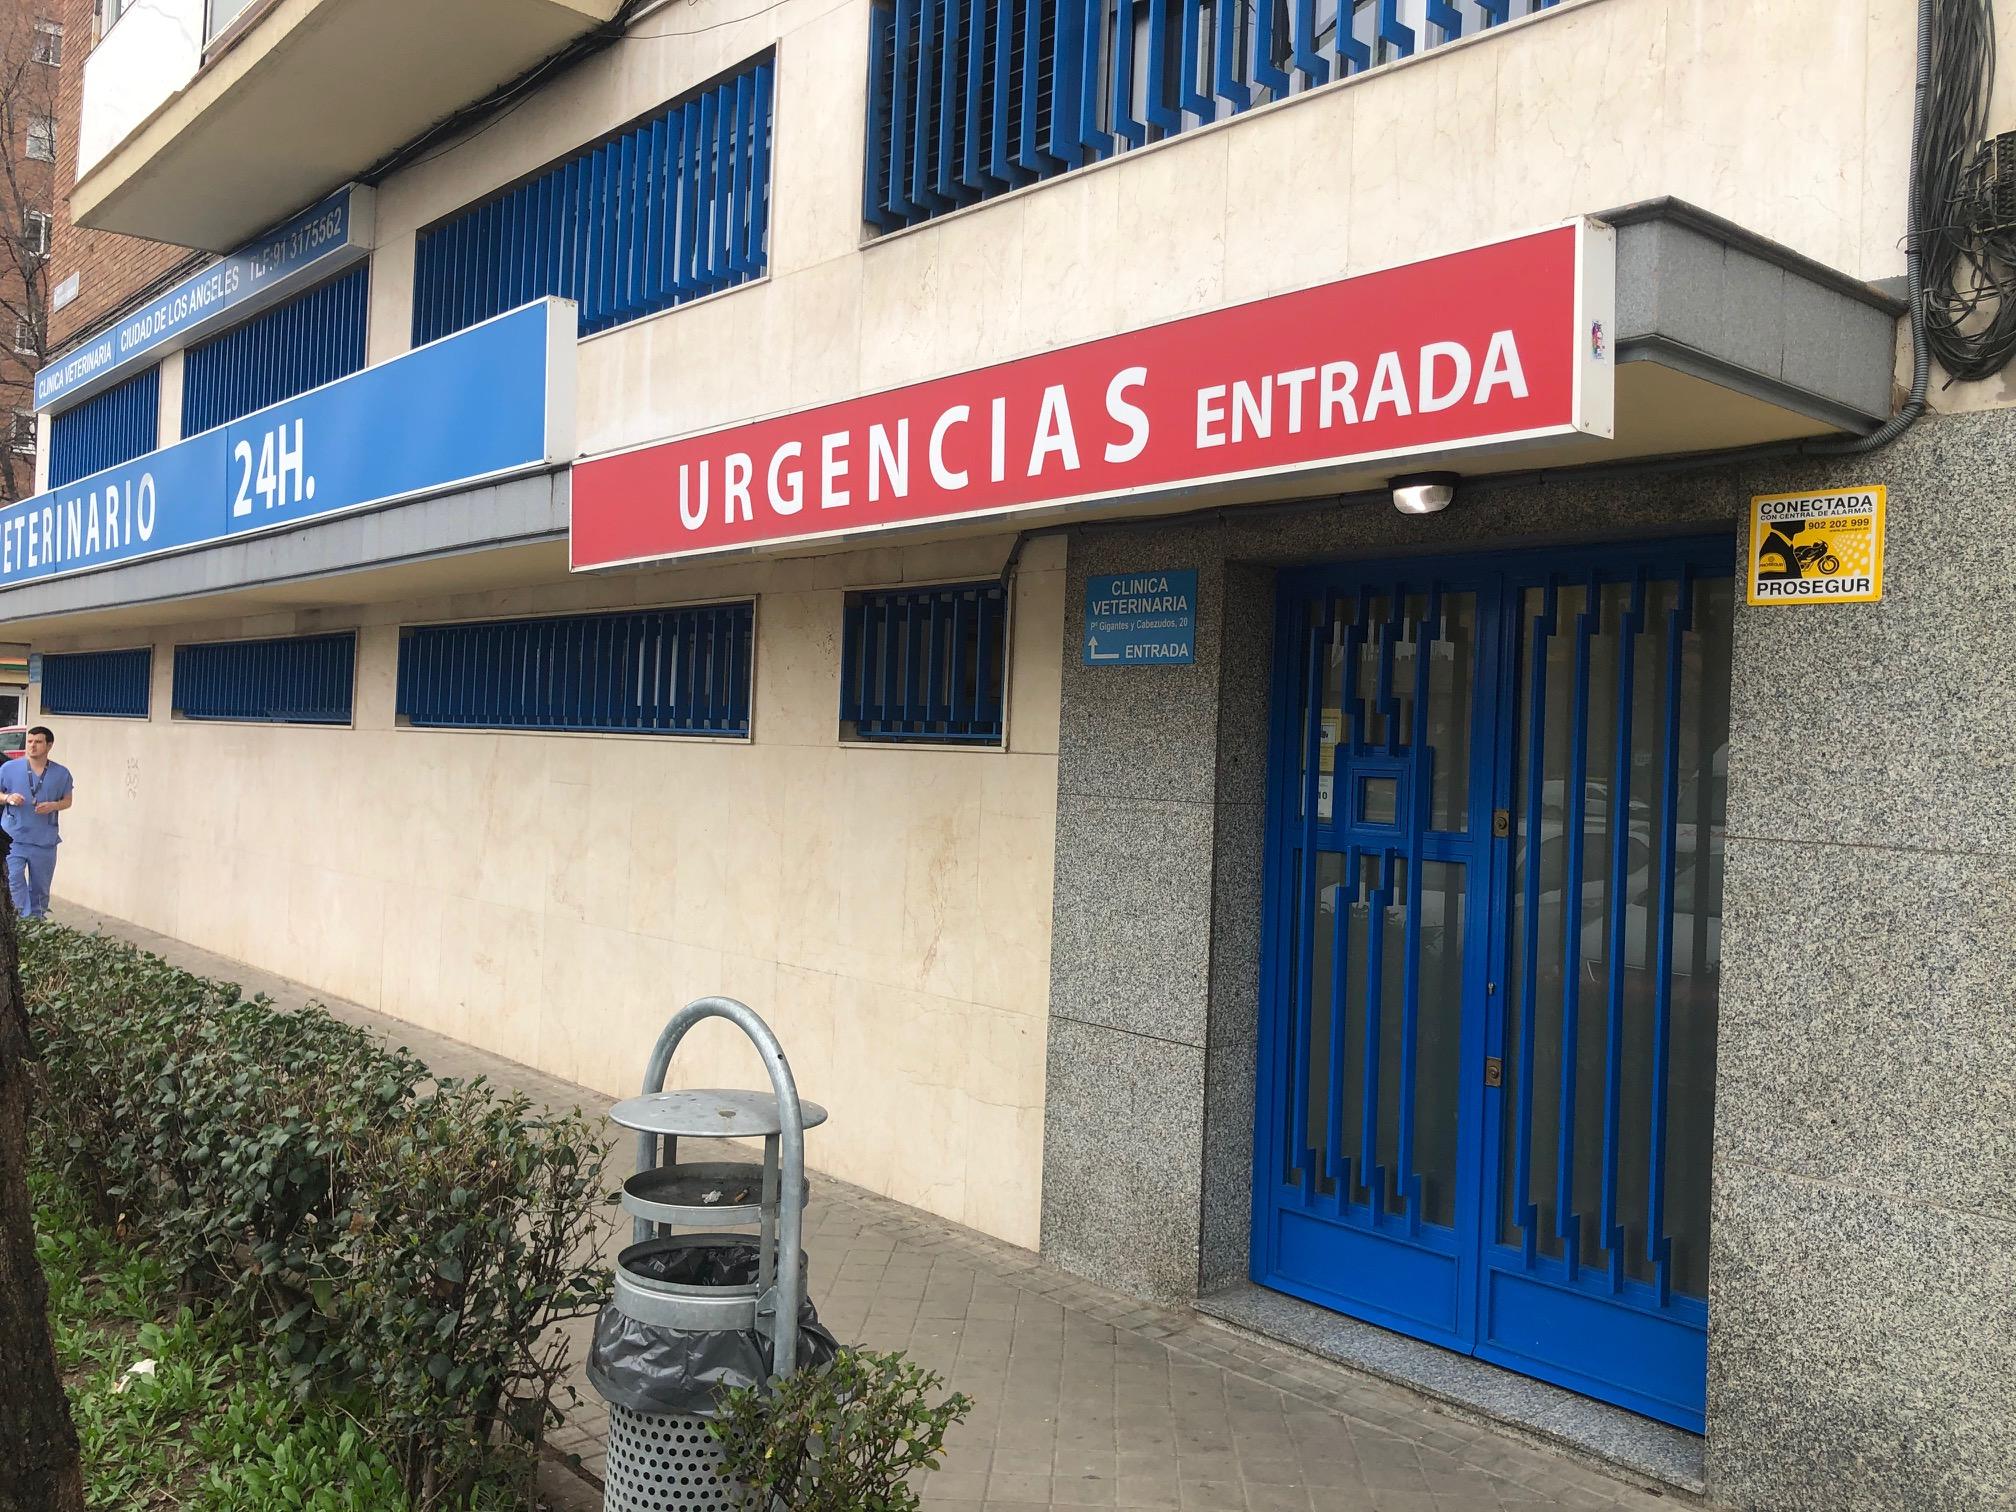 Entrada Urgencias. Veterinario 24 horas Madrid